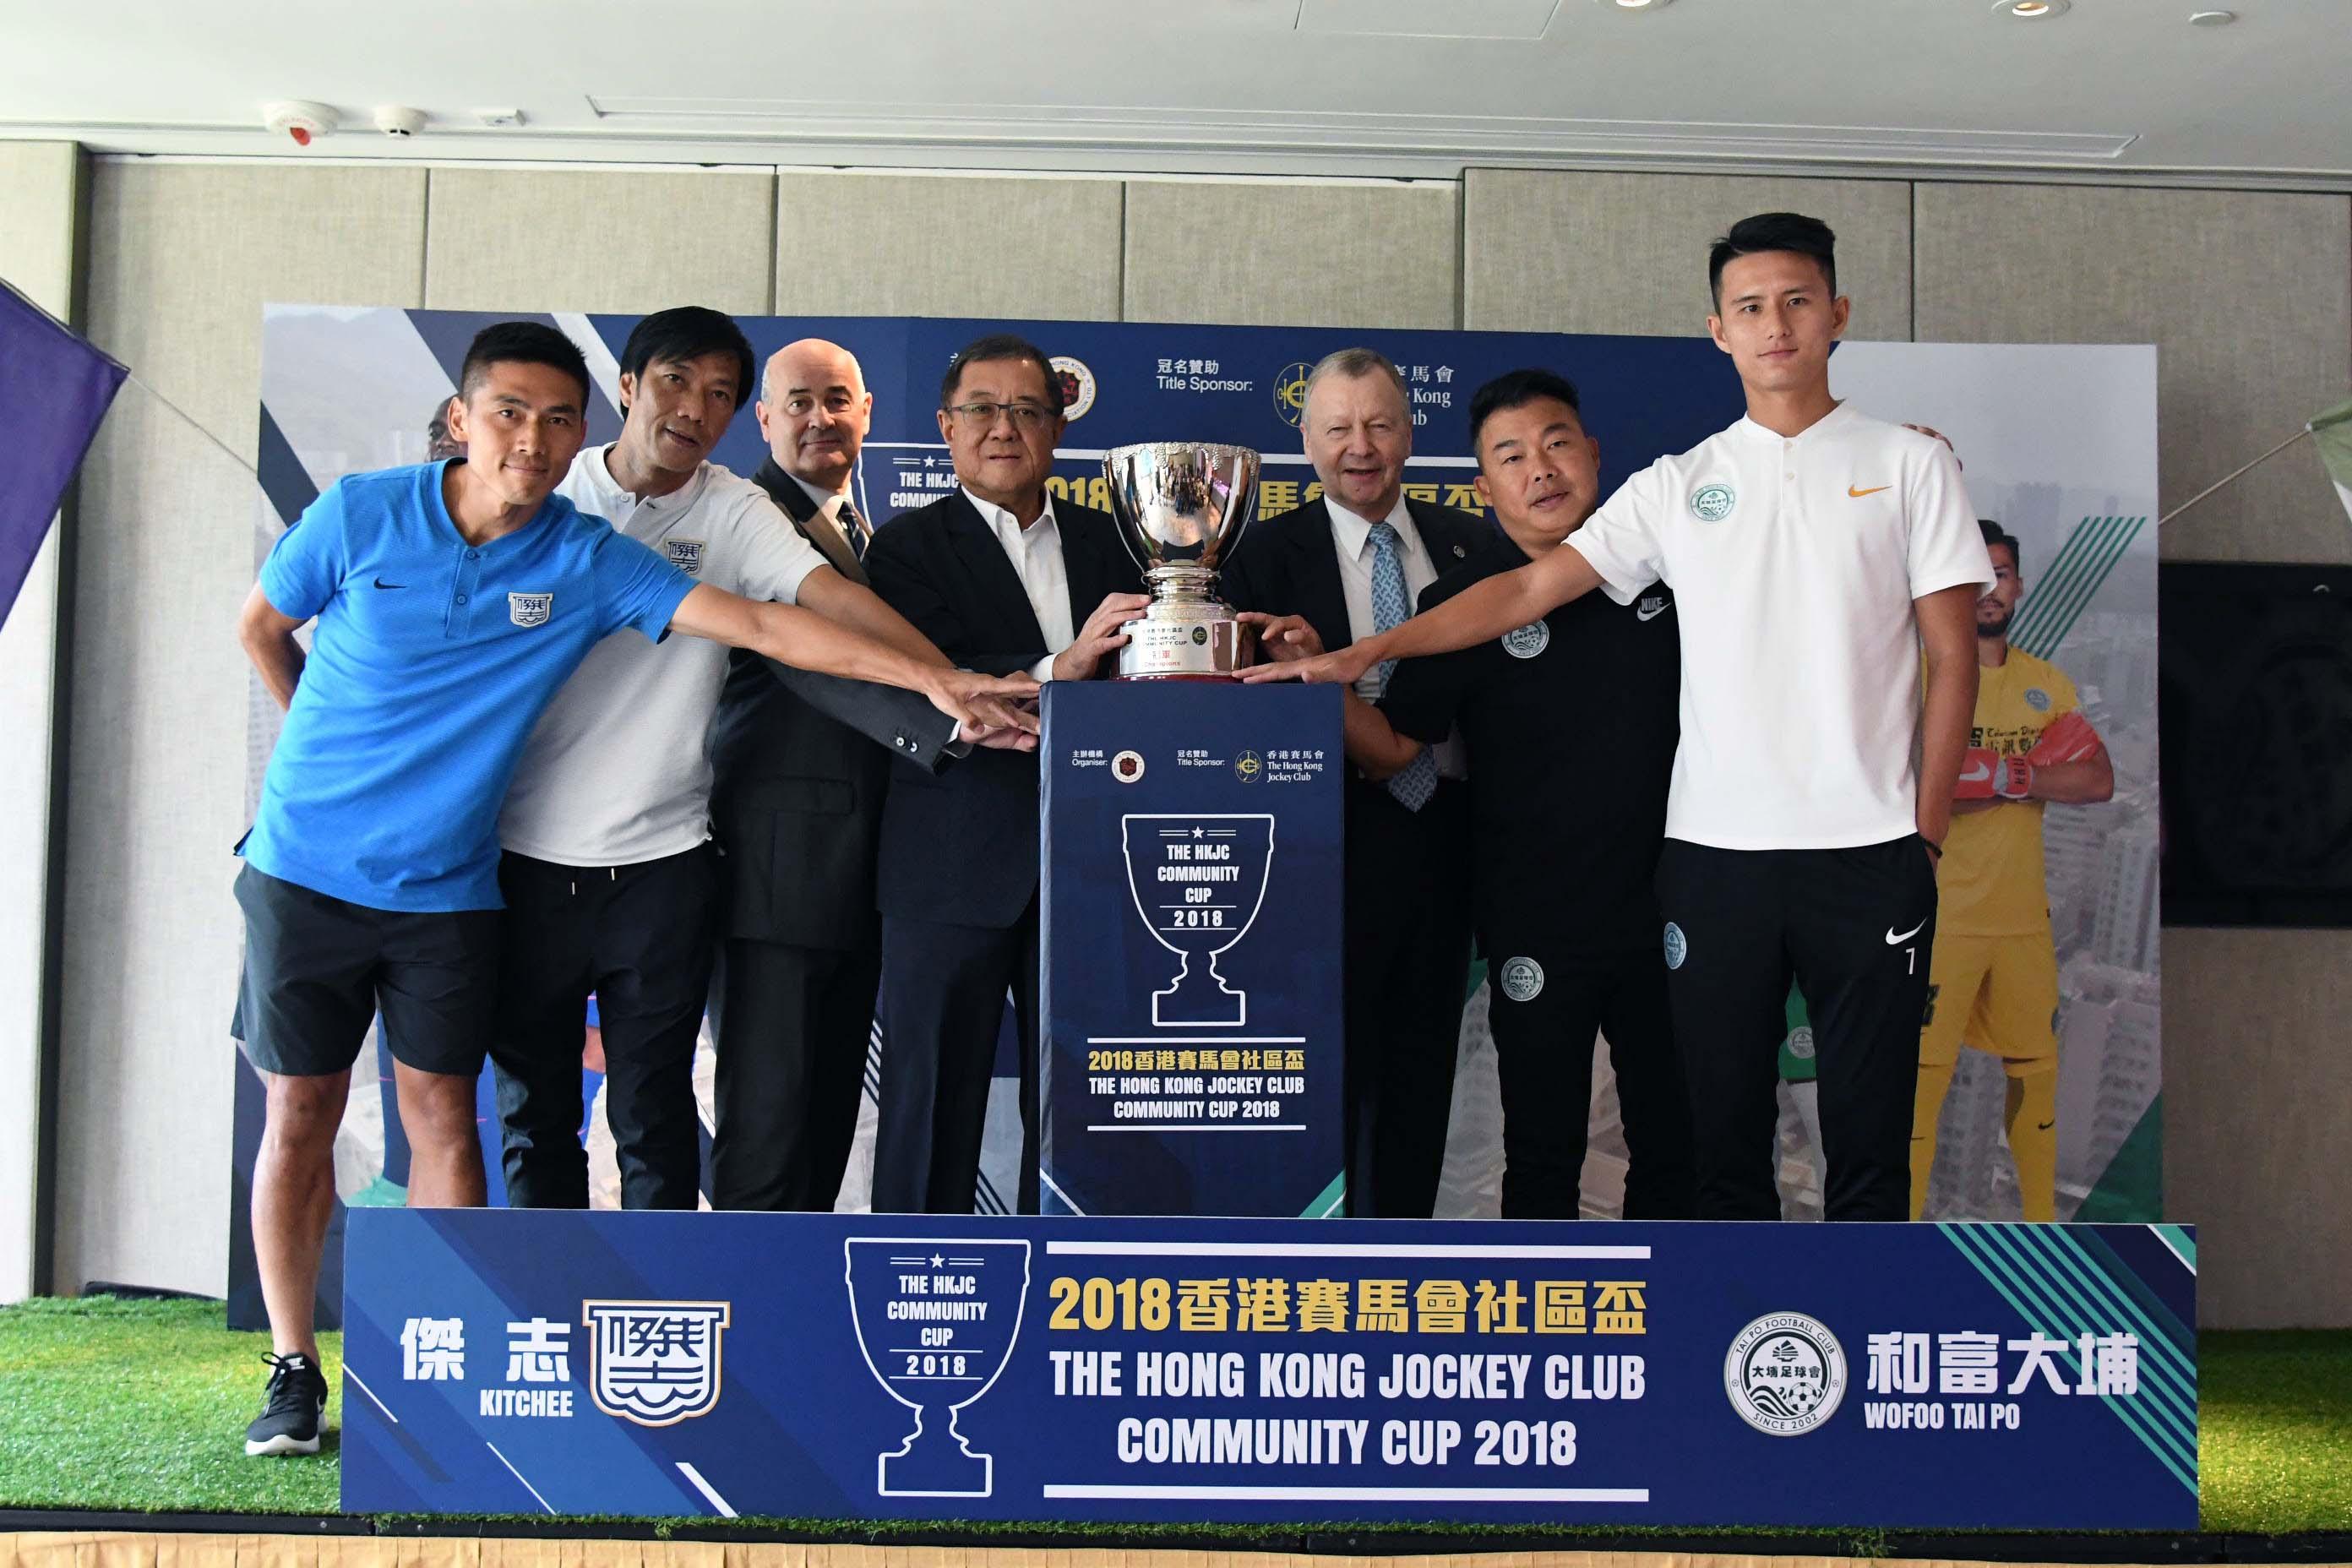 黃威(右一)望以表現爭取入選港隊廿三人名單